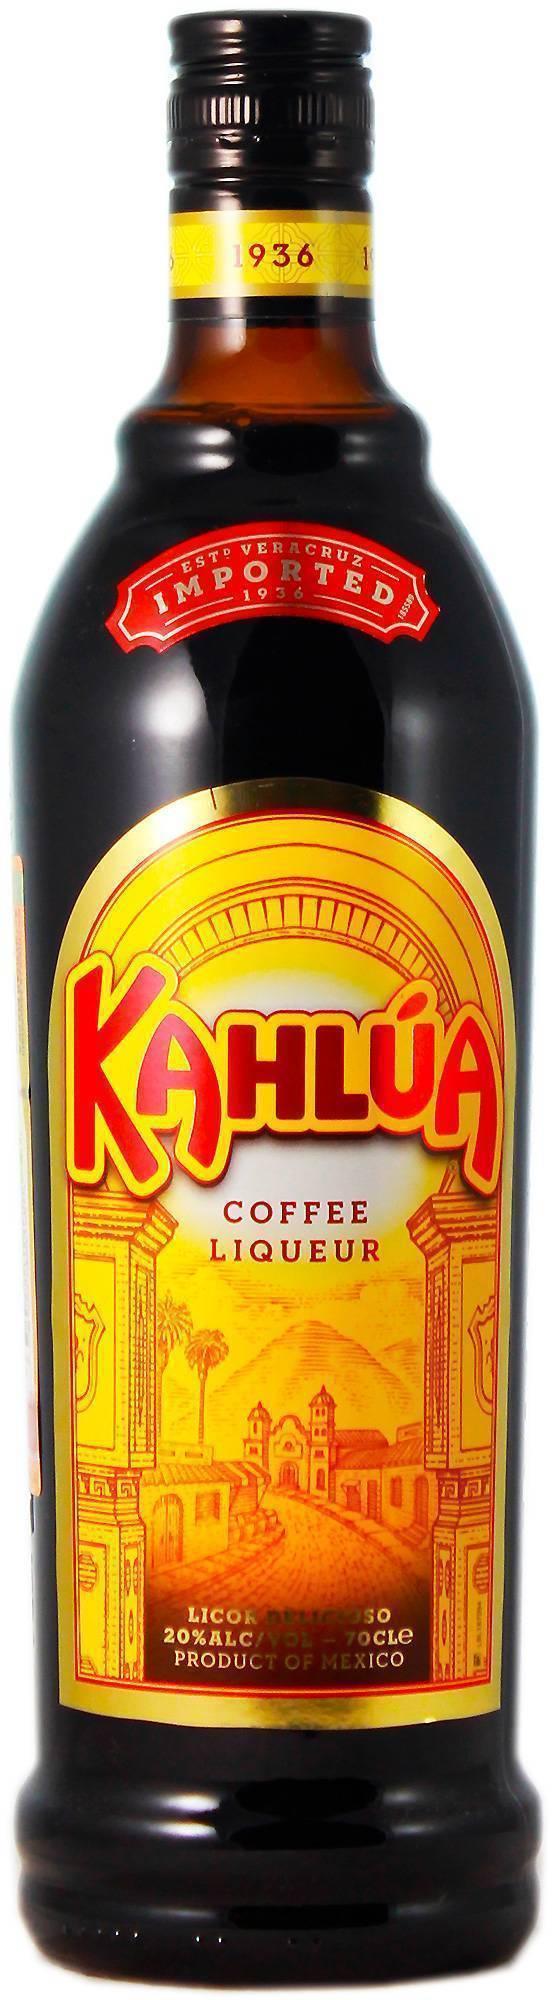 Ликер калуа (kahlua): первый кофейный ликер | inshaker | яндекс дзен